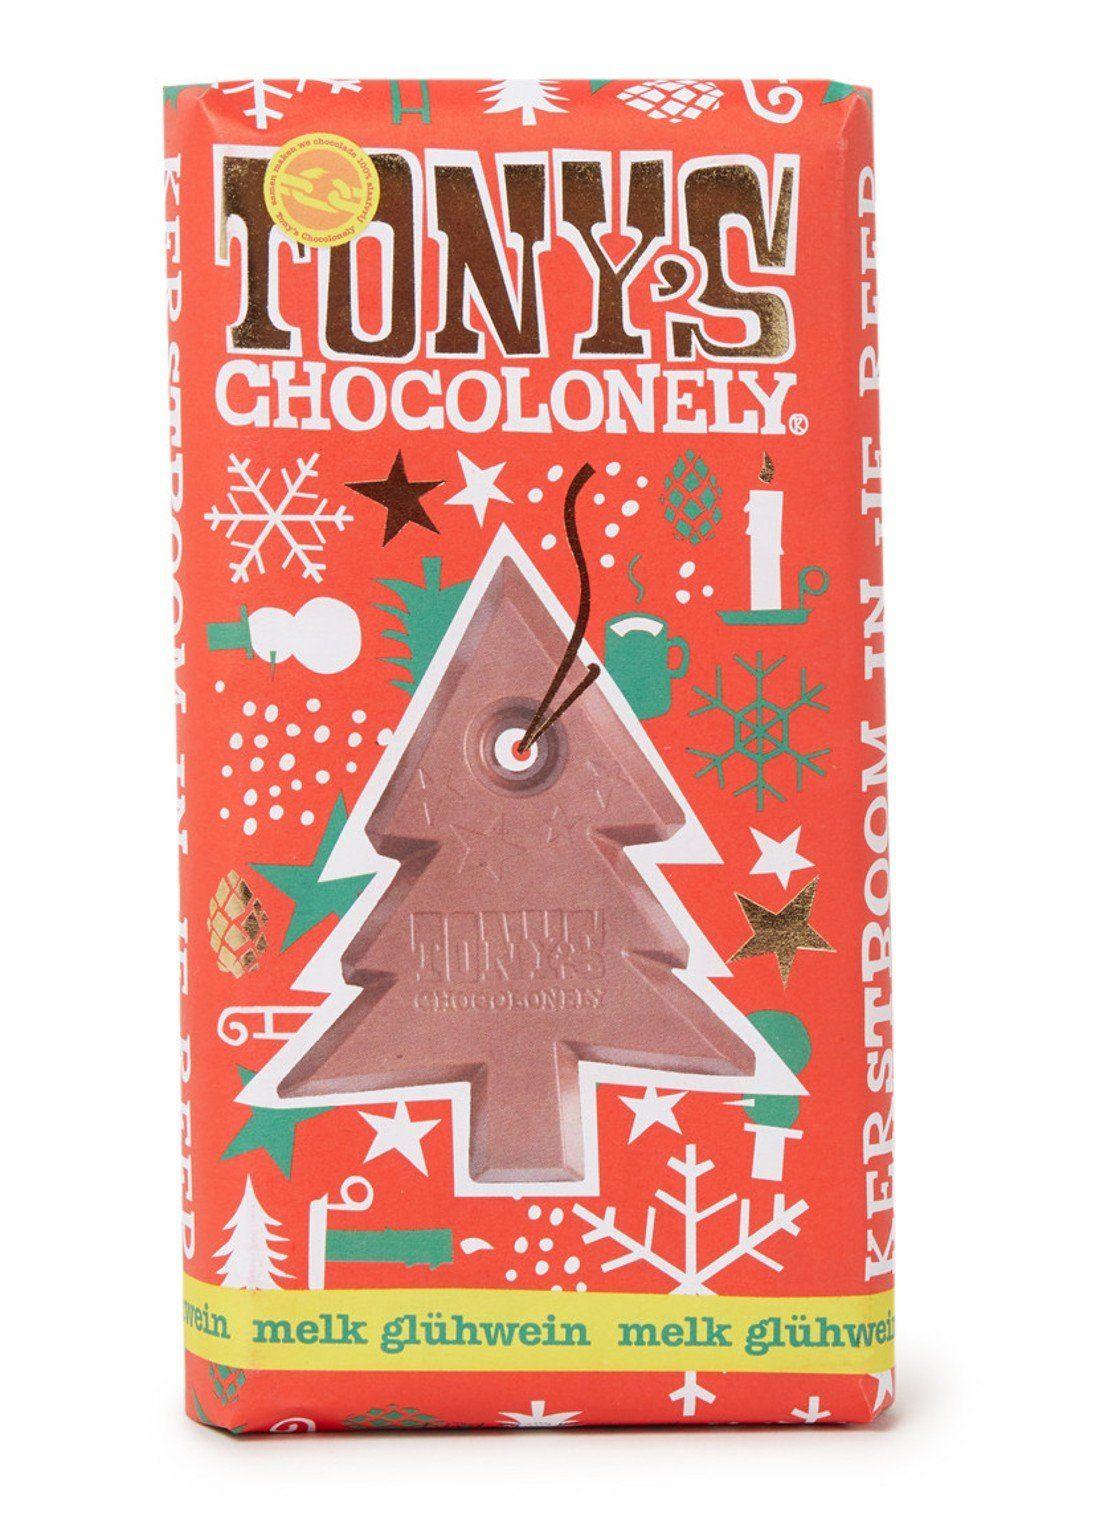 Kerst chocolade (O.a. Tony's Chocolonely) 50% bij de Bijenkorf